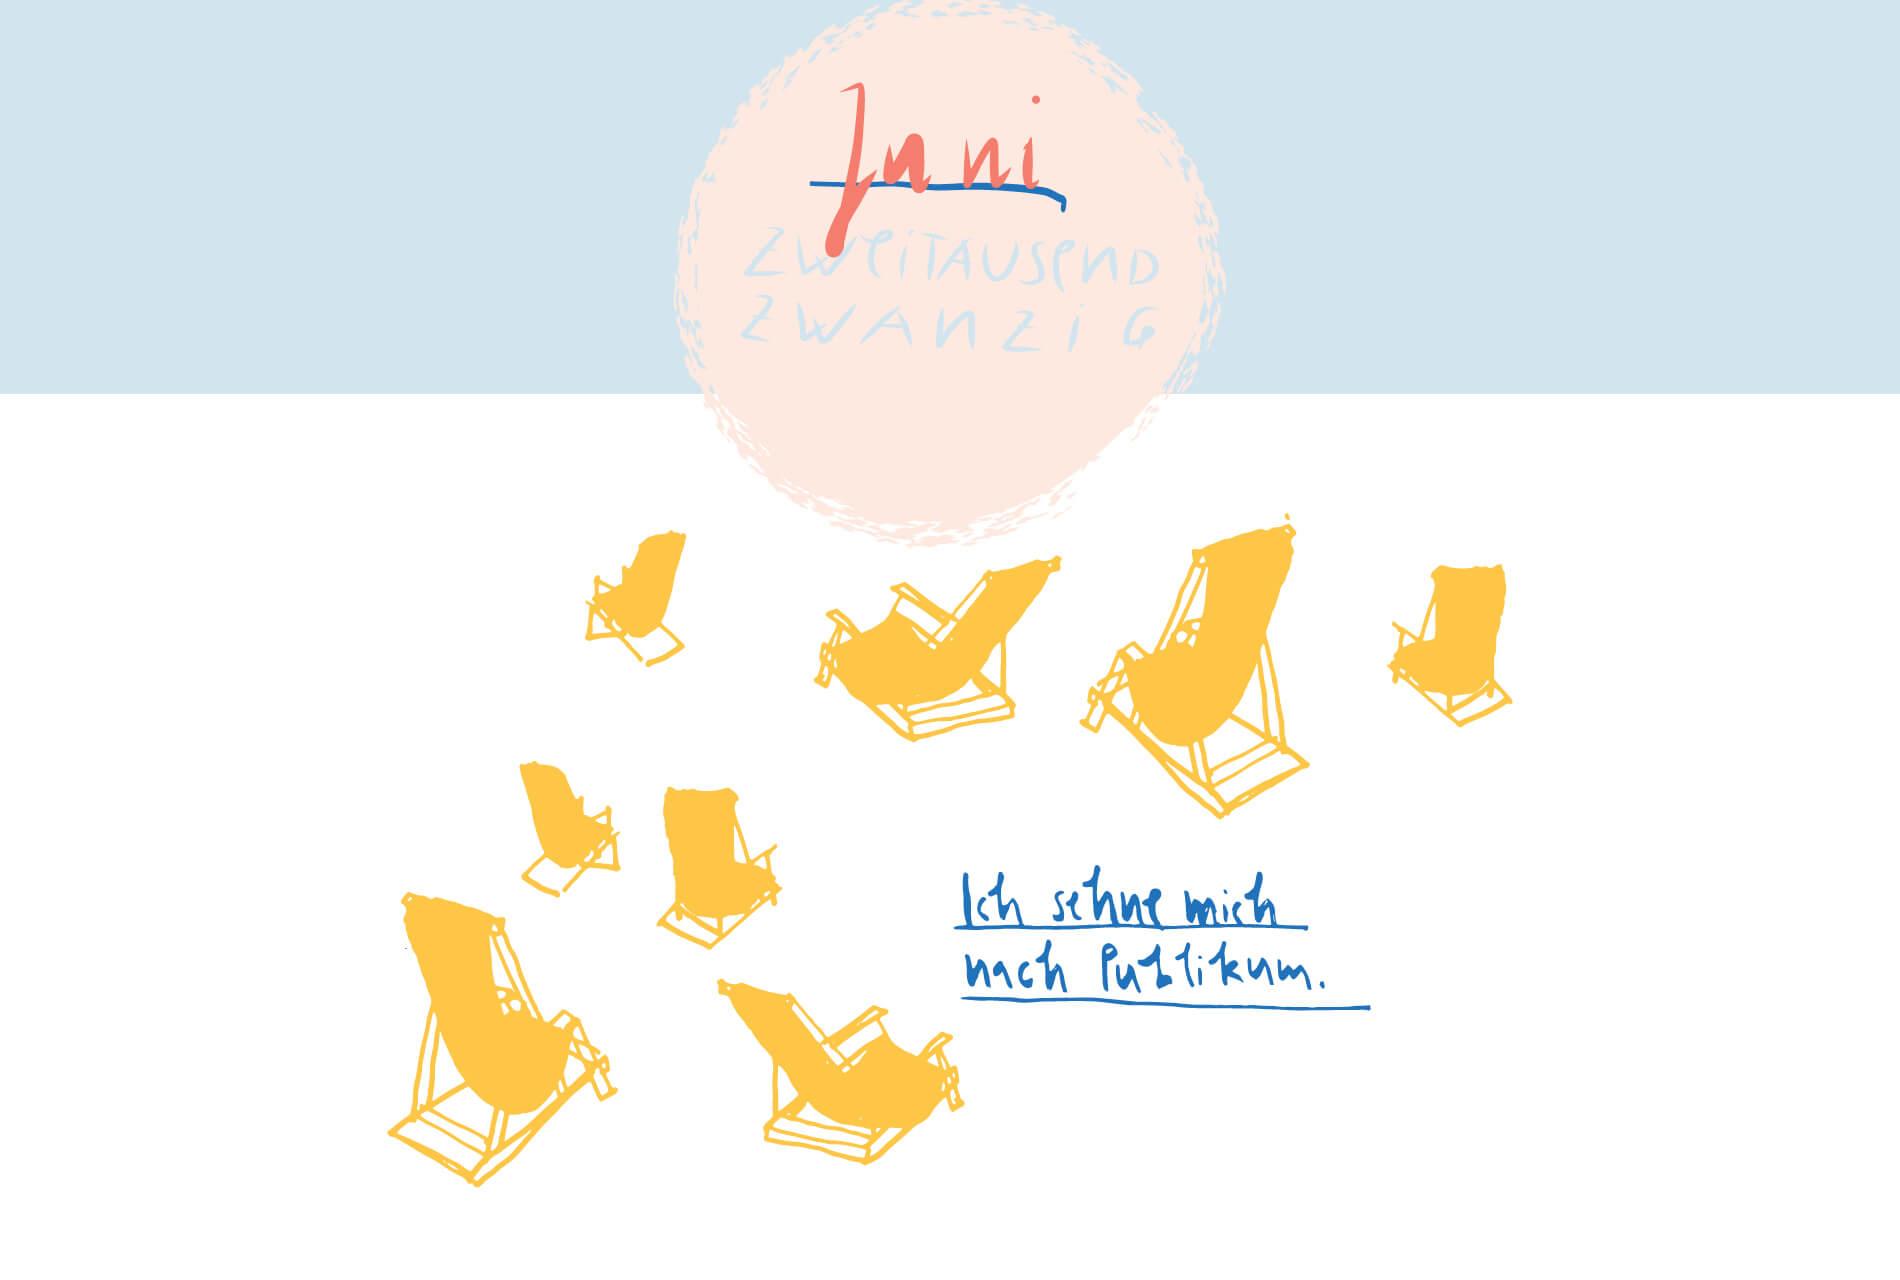 Matrosenhunde Illustration Zeichnung Illustratorin Text Prosa Monatskalender Juni, ich sehne mich nach Publikum